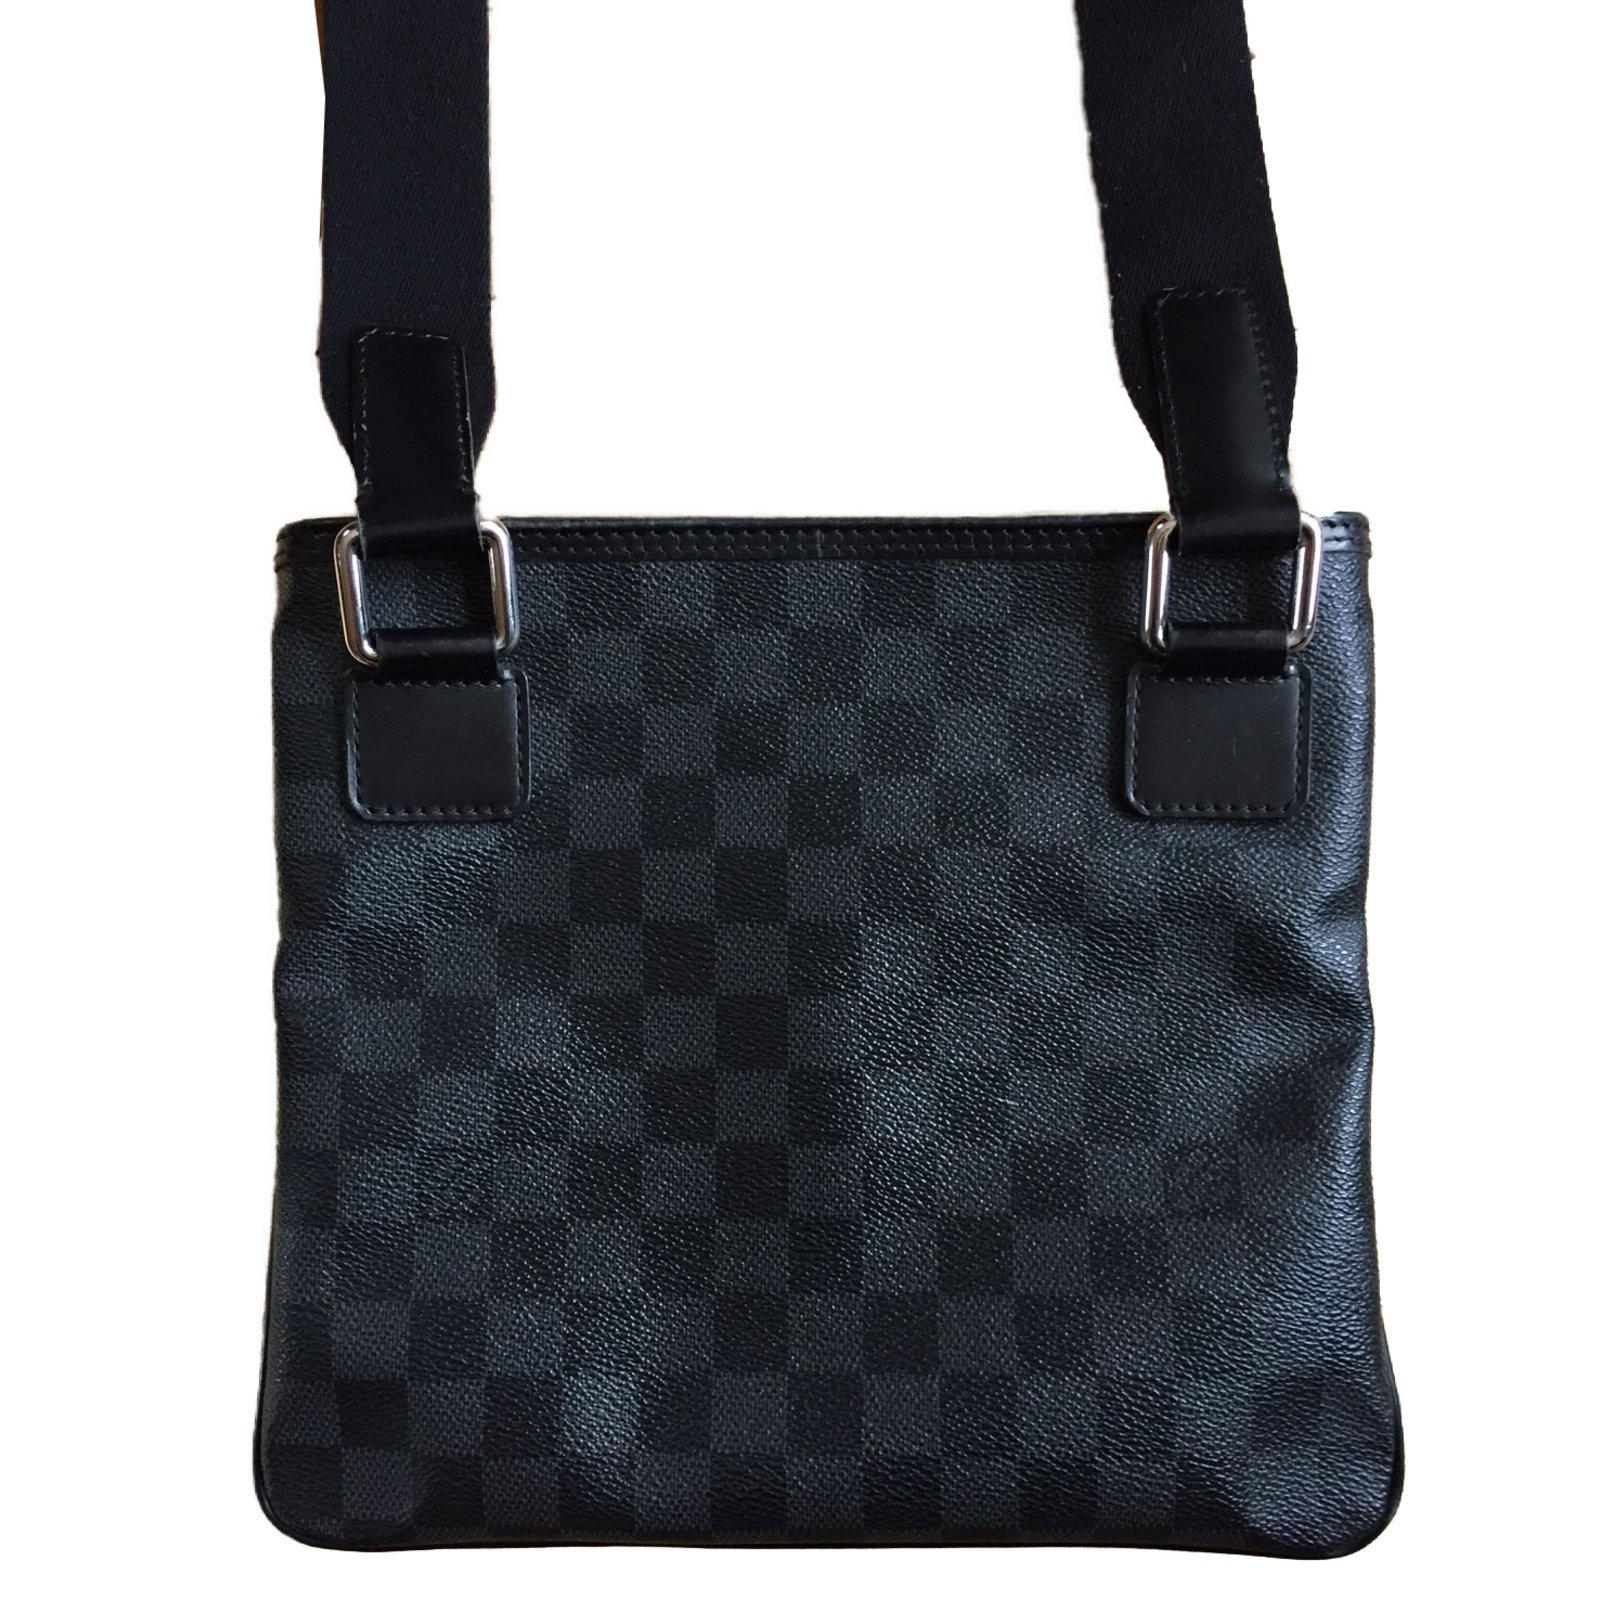 04dfcd7eed61 Sacs Louis Vuitton Pochette Homme Louis Vuitton Damier Cuir,Toile Noir  ref.42963 - Joli Closet